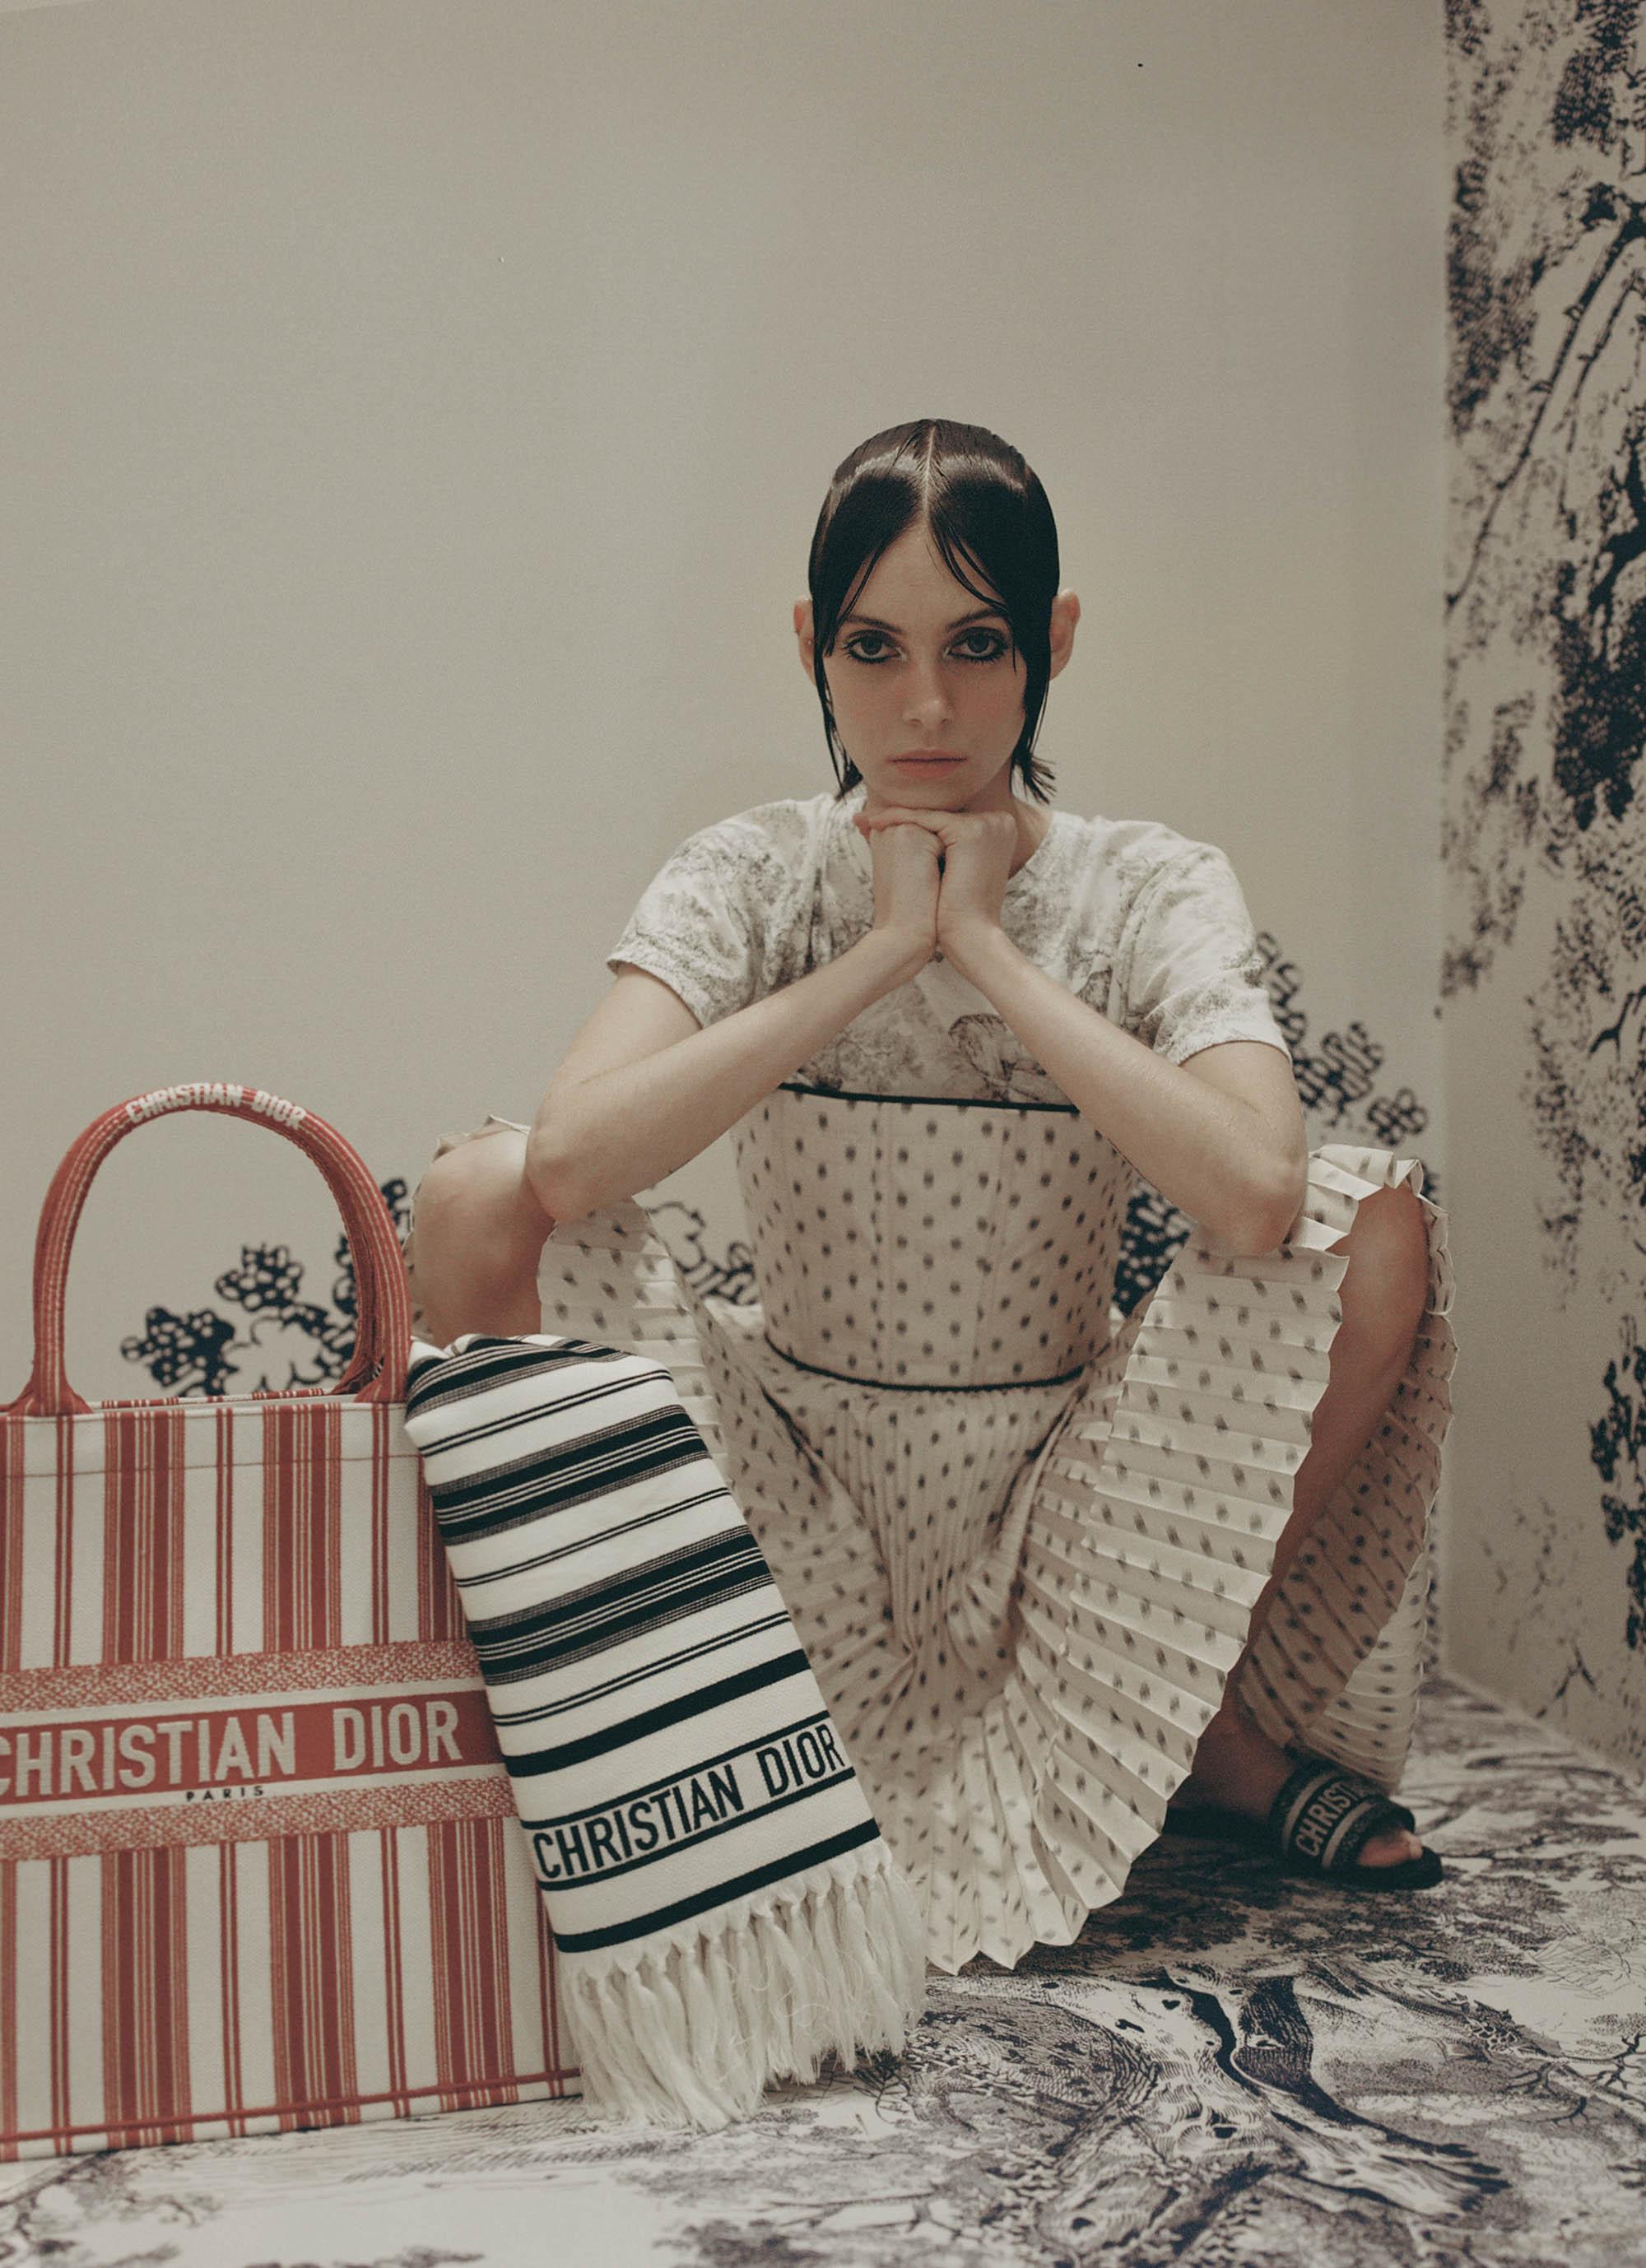 DAPHNENGUYEN-Dior x Matilda final-181214000246270002.jpg